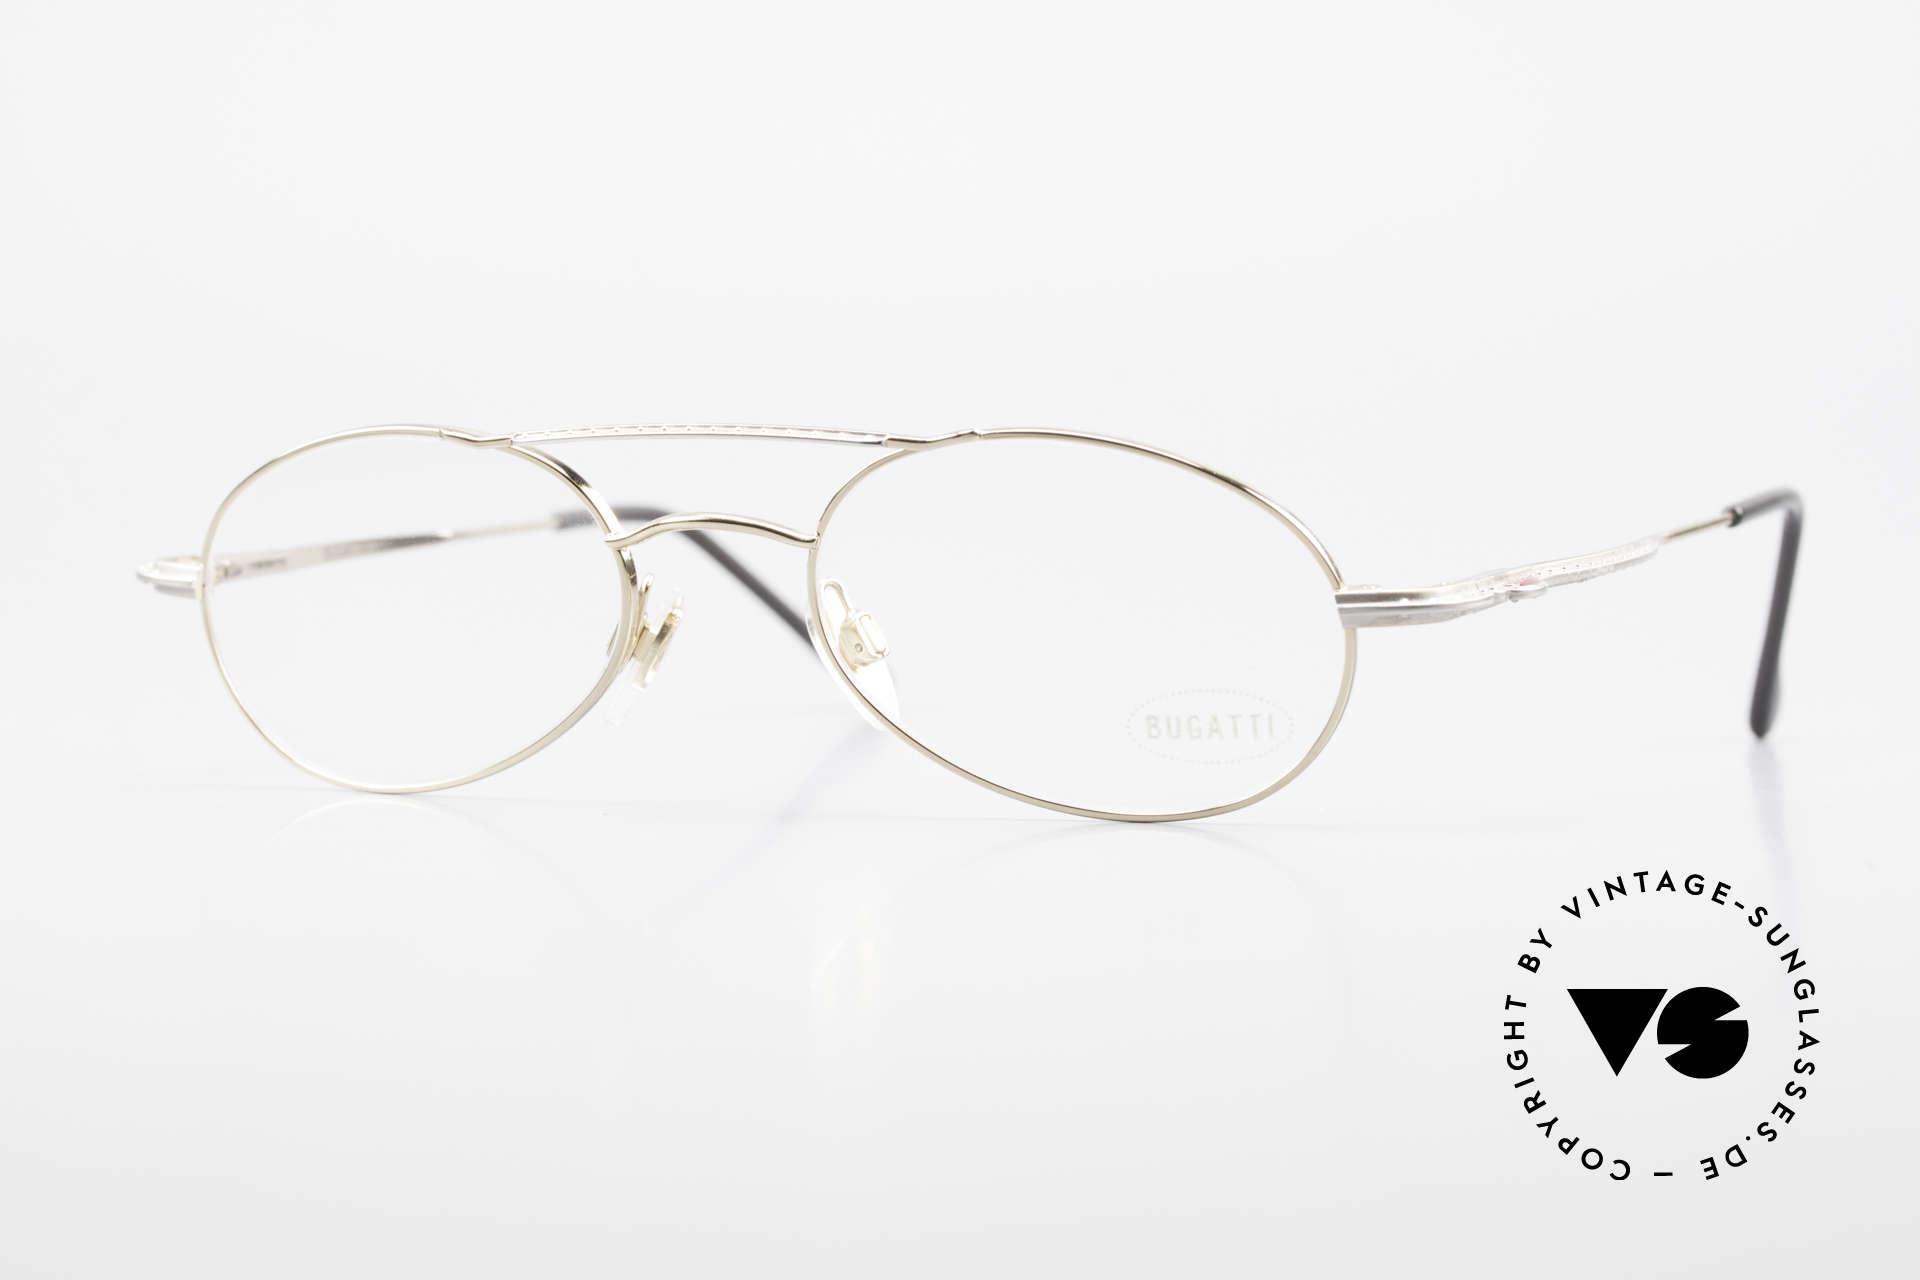 Bugatti 22996 Rare 90er Herren Luxusbrille, sehr elegante vintage BUGATTI Brillenfassung, Passend für Herren